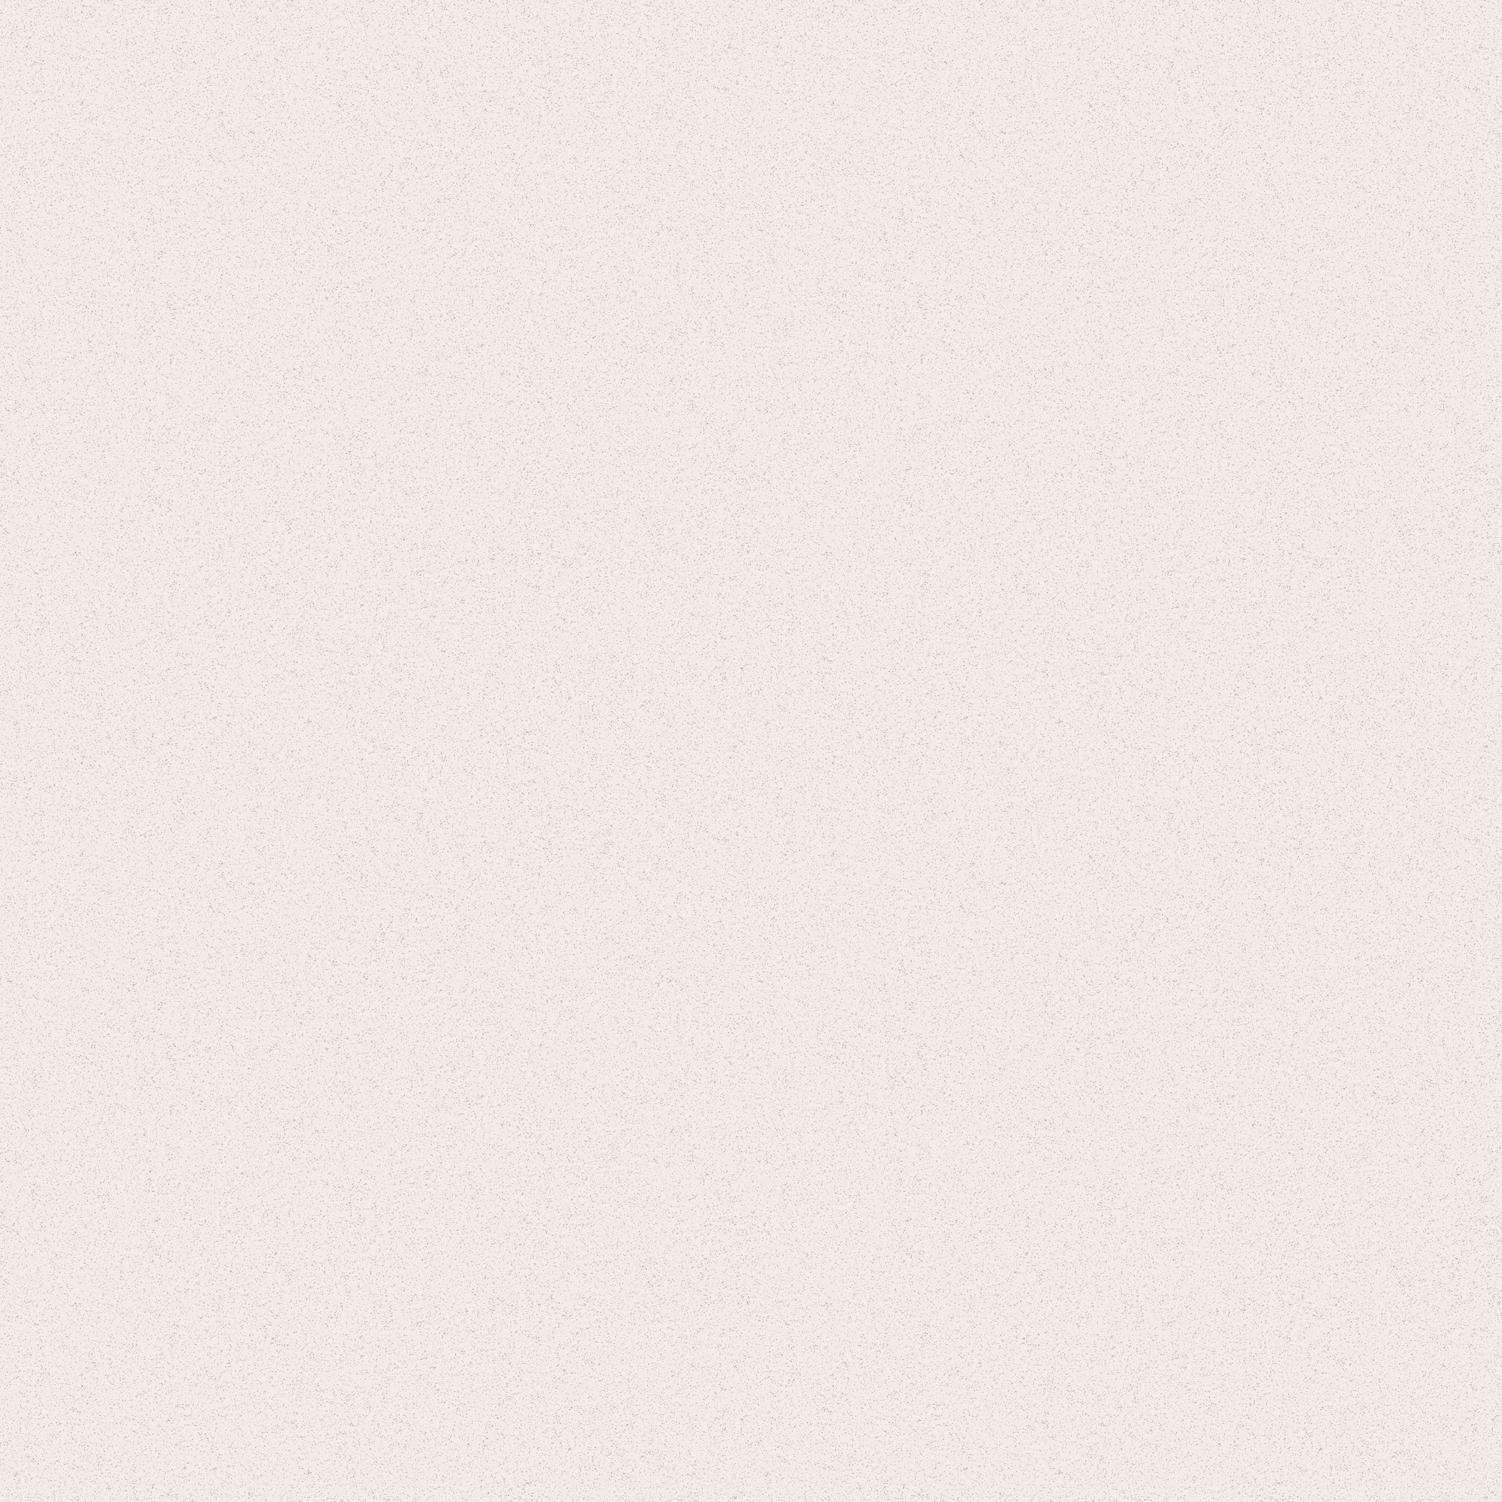 Dětské tapety Disney Deco 3010-2 | 10,05 x 0,53 m (Jednobarevná tapeta - papírová)